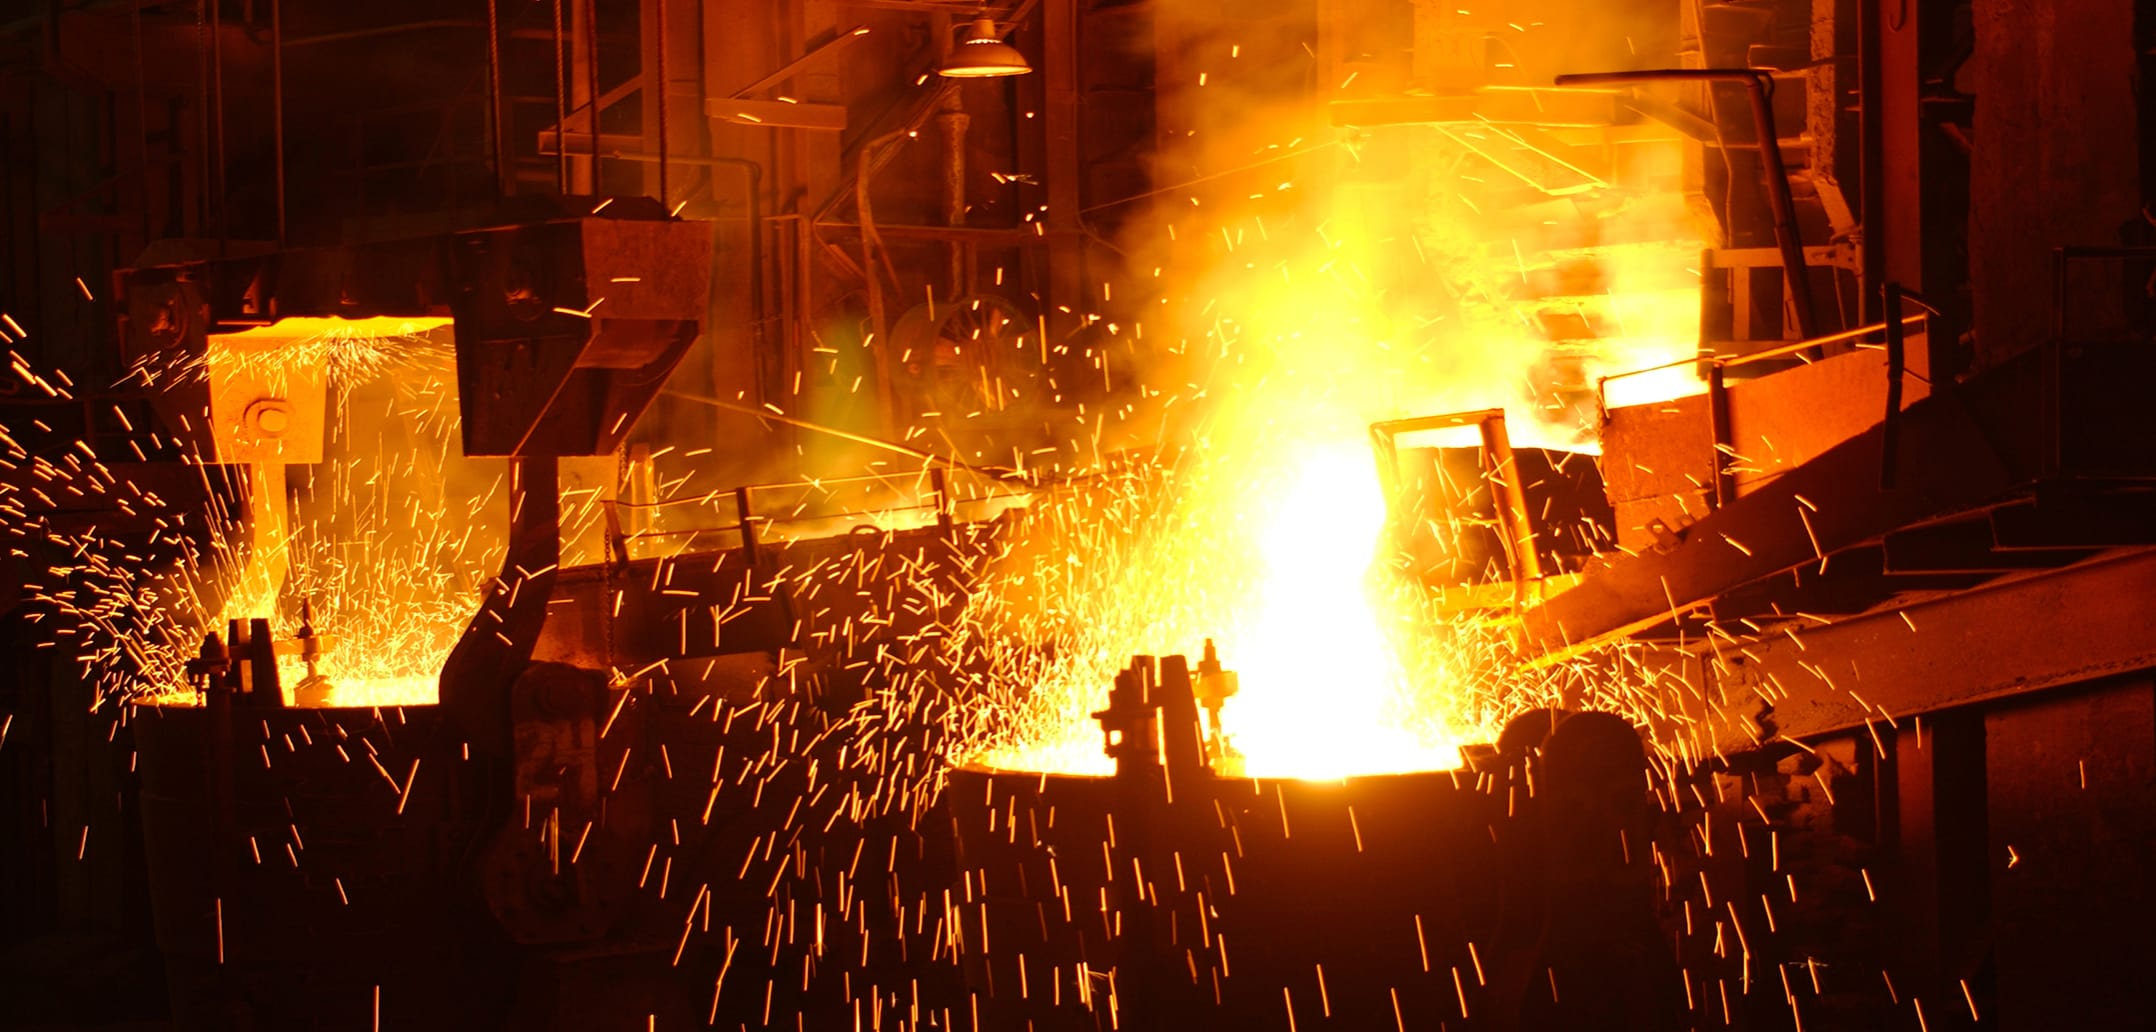 «Норникель»: Защита критической инфраструктуры должна учитывать 4 принципа «от промышленности»